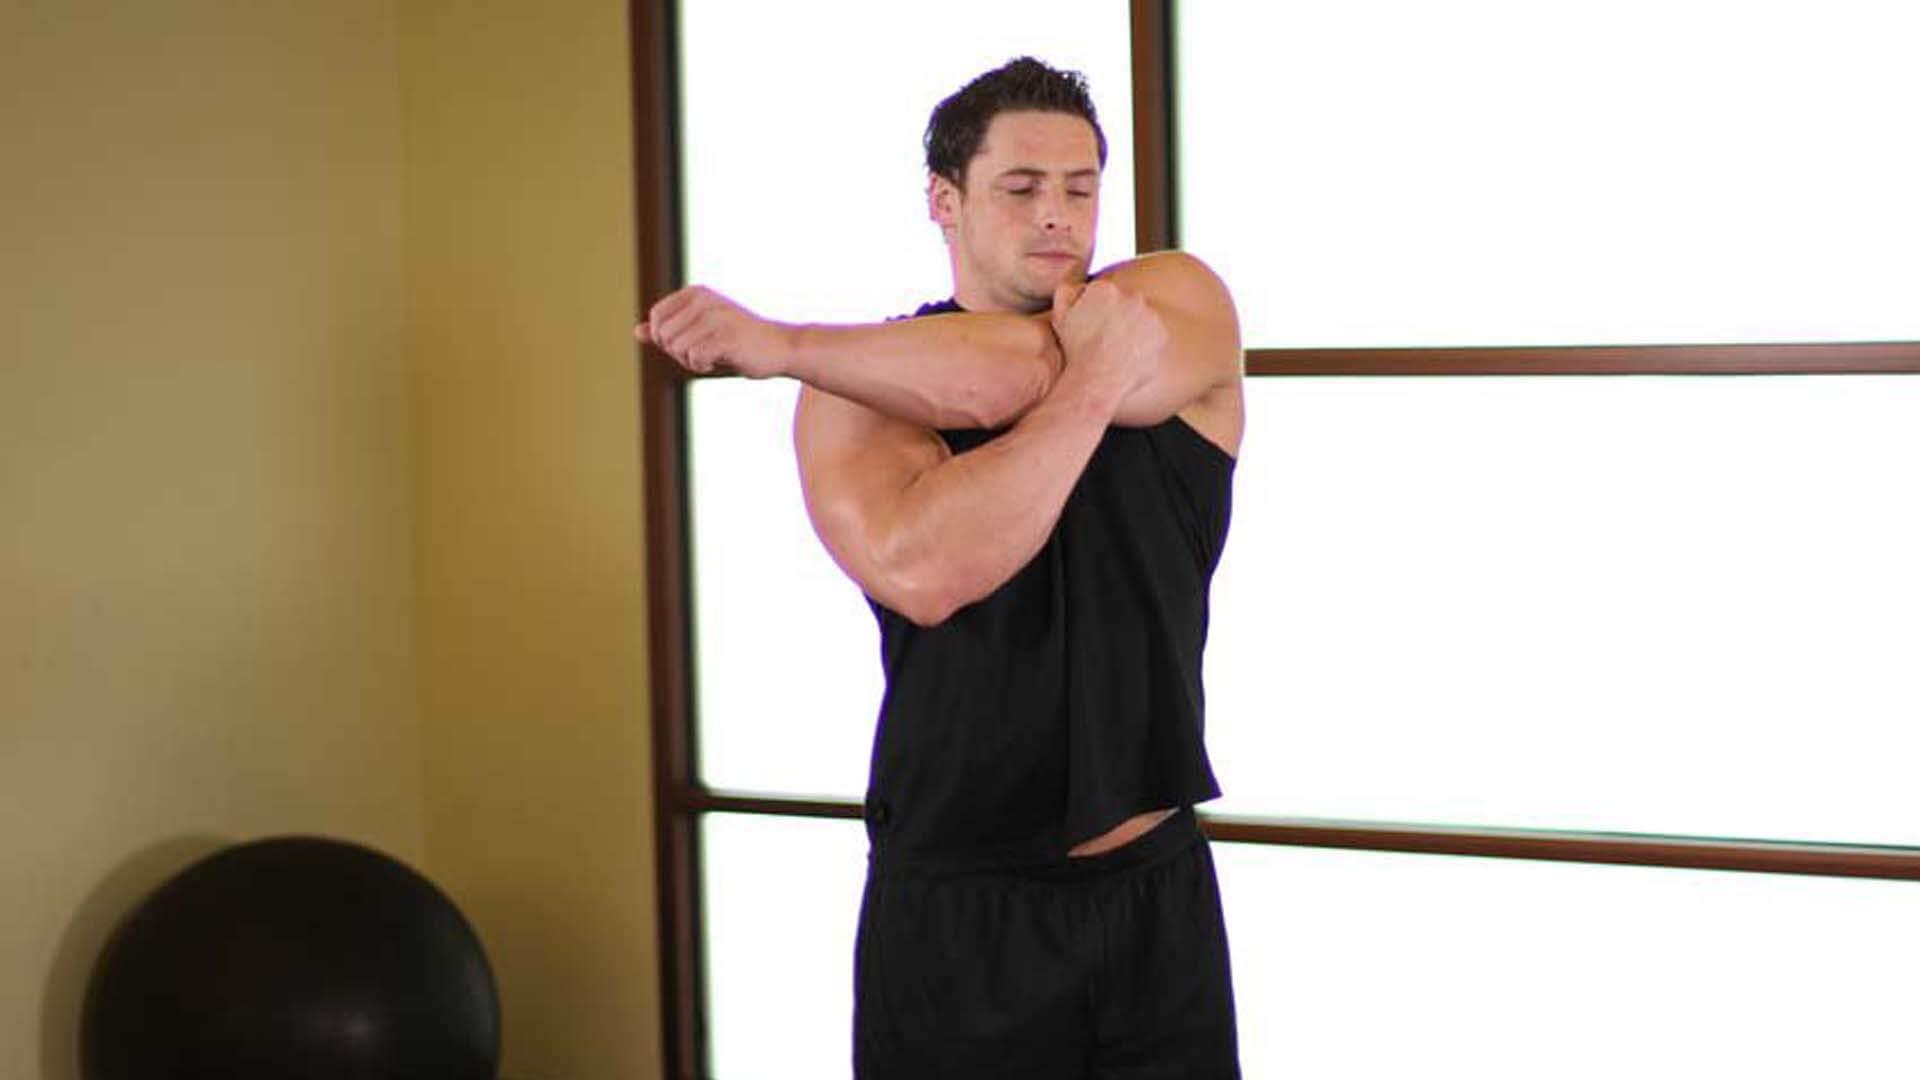 Растягивание дельтовидных мышц для мужчин: фото.